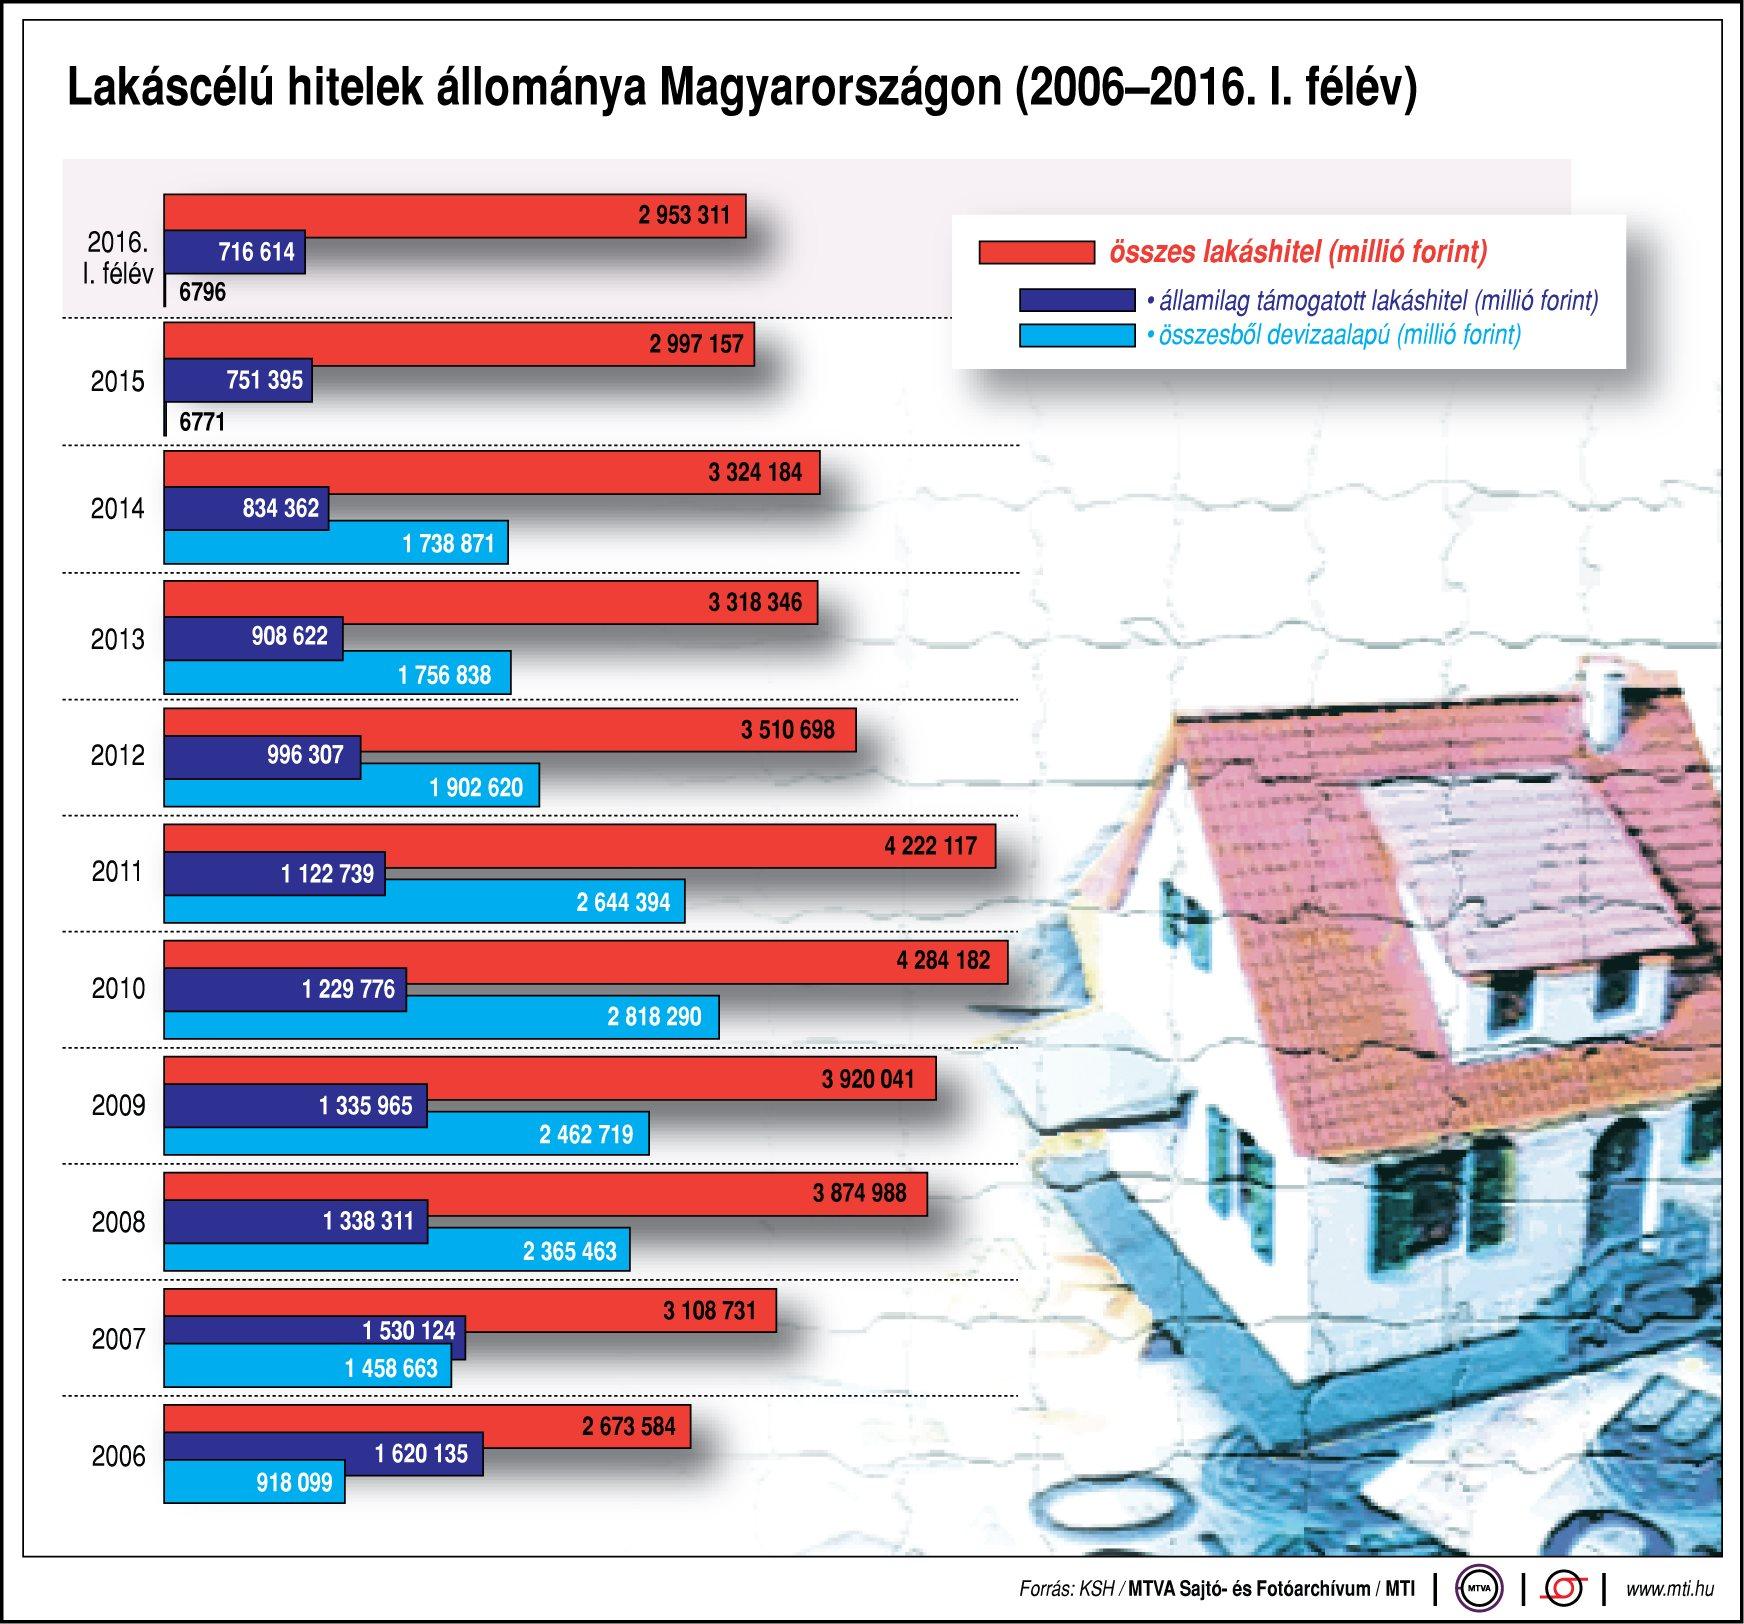 Mennyi hitelt veszünk fel lakásra? - ábra